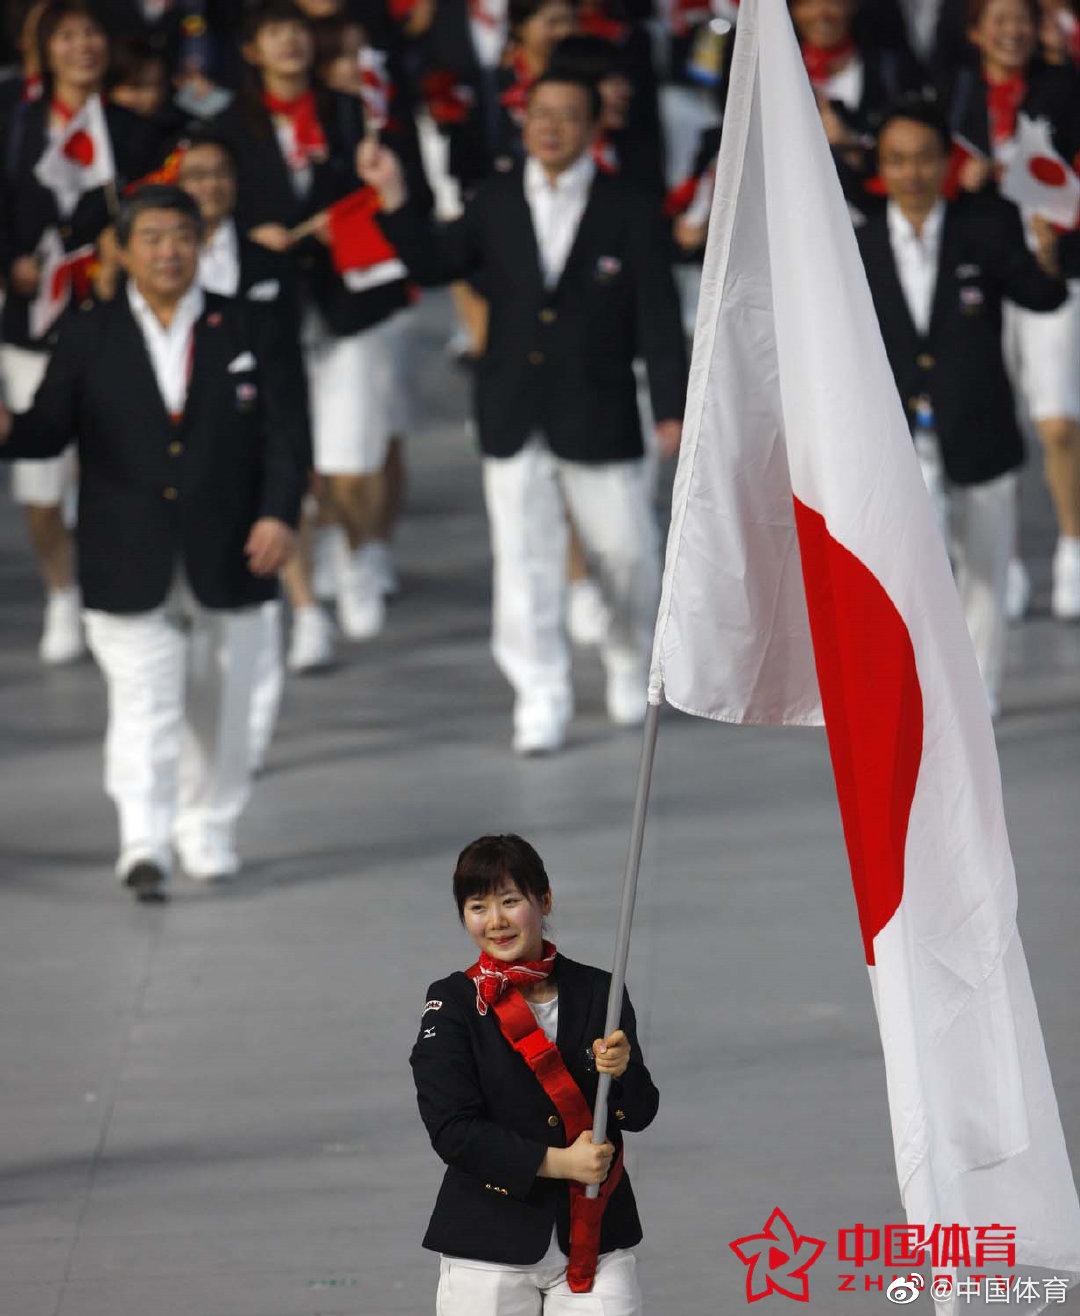 你还记得北京奥运会上各代表队的旗手吗